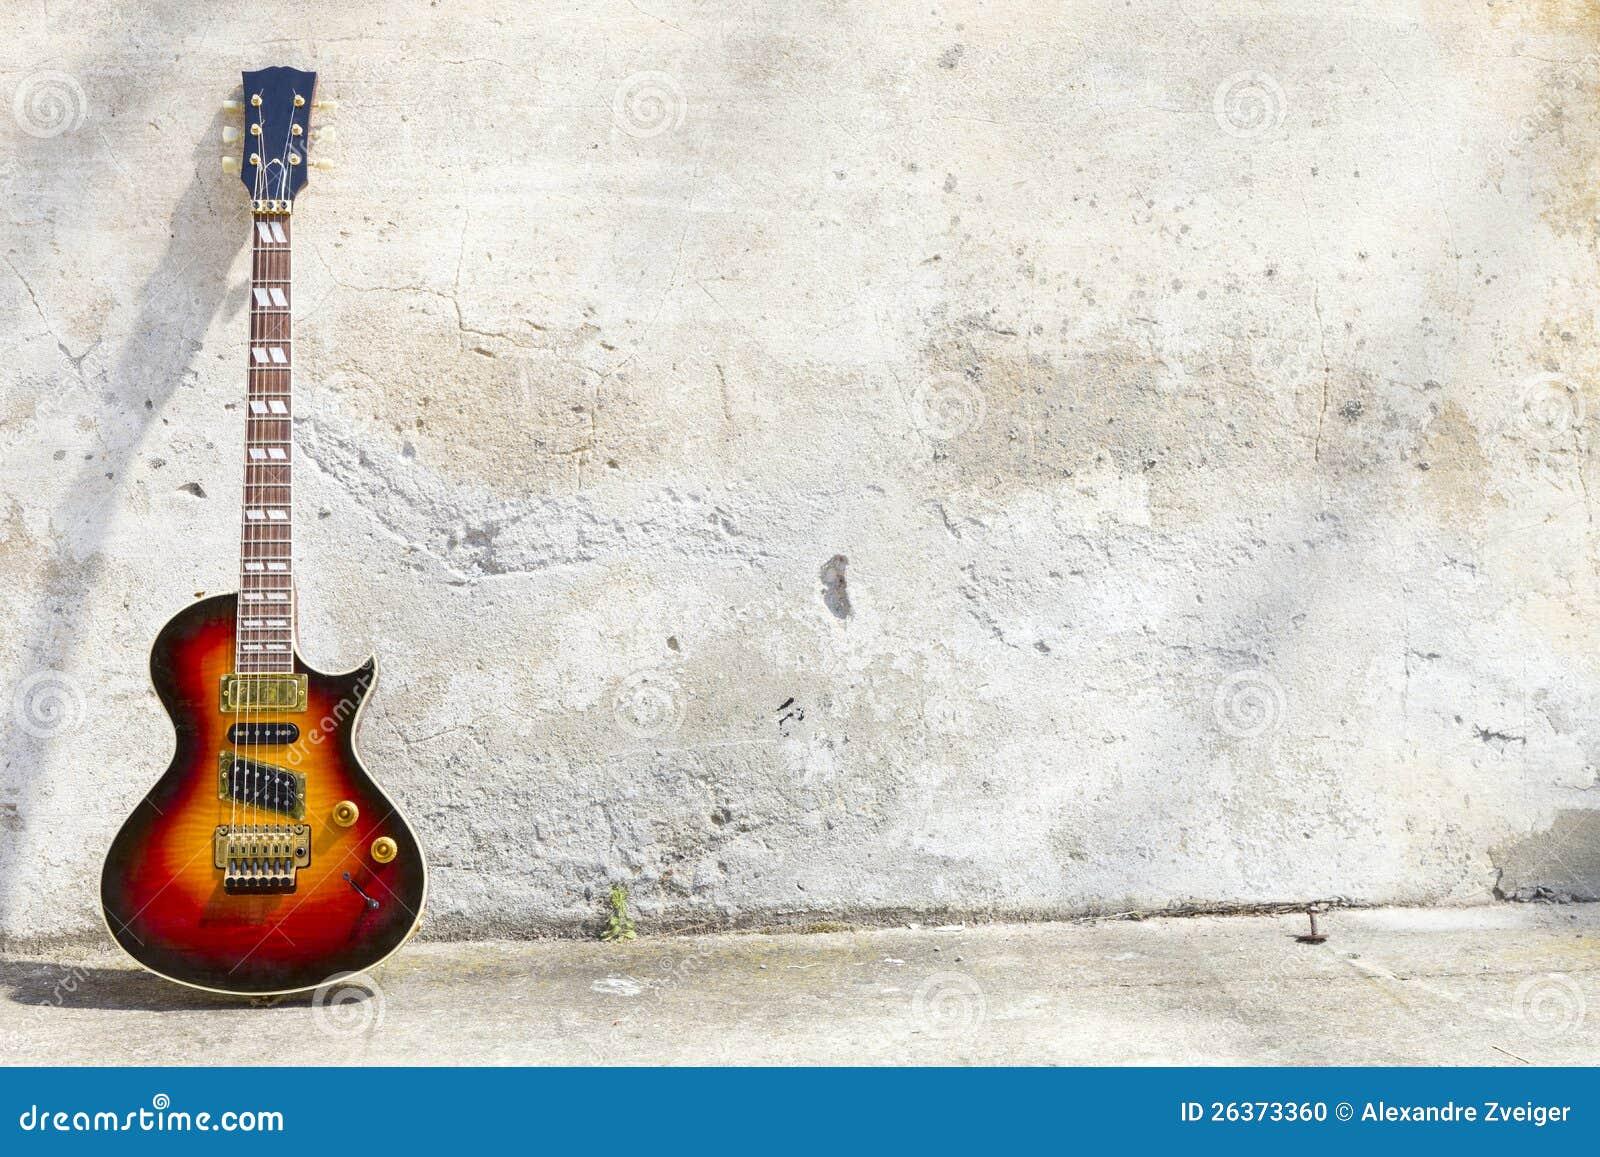 E-Gitarre vor einer Weinlesewand